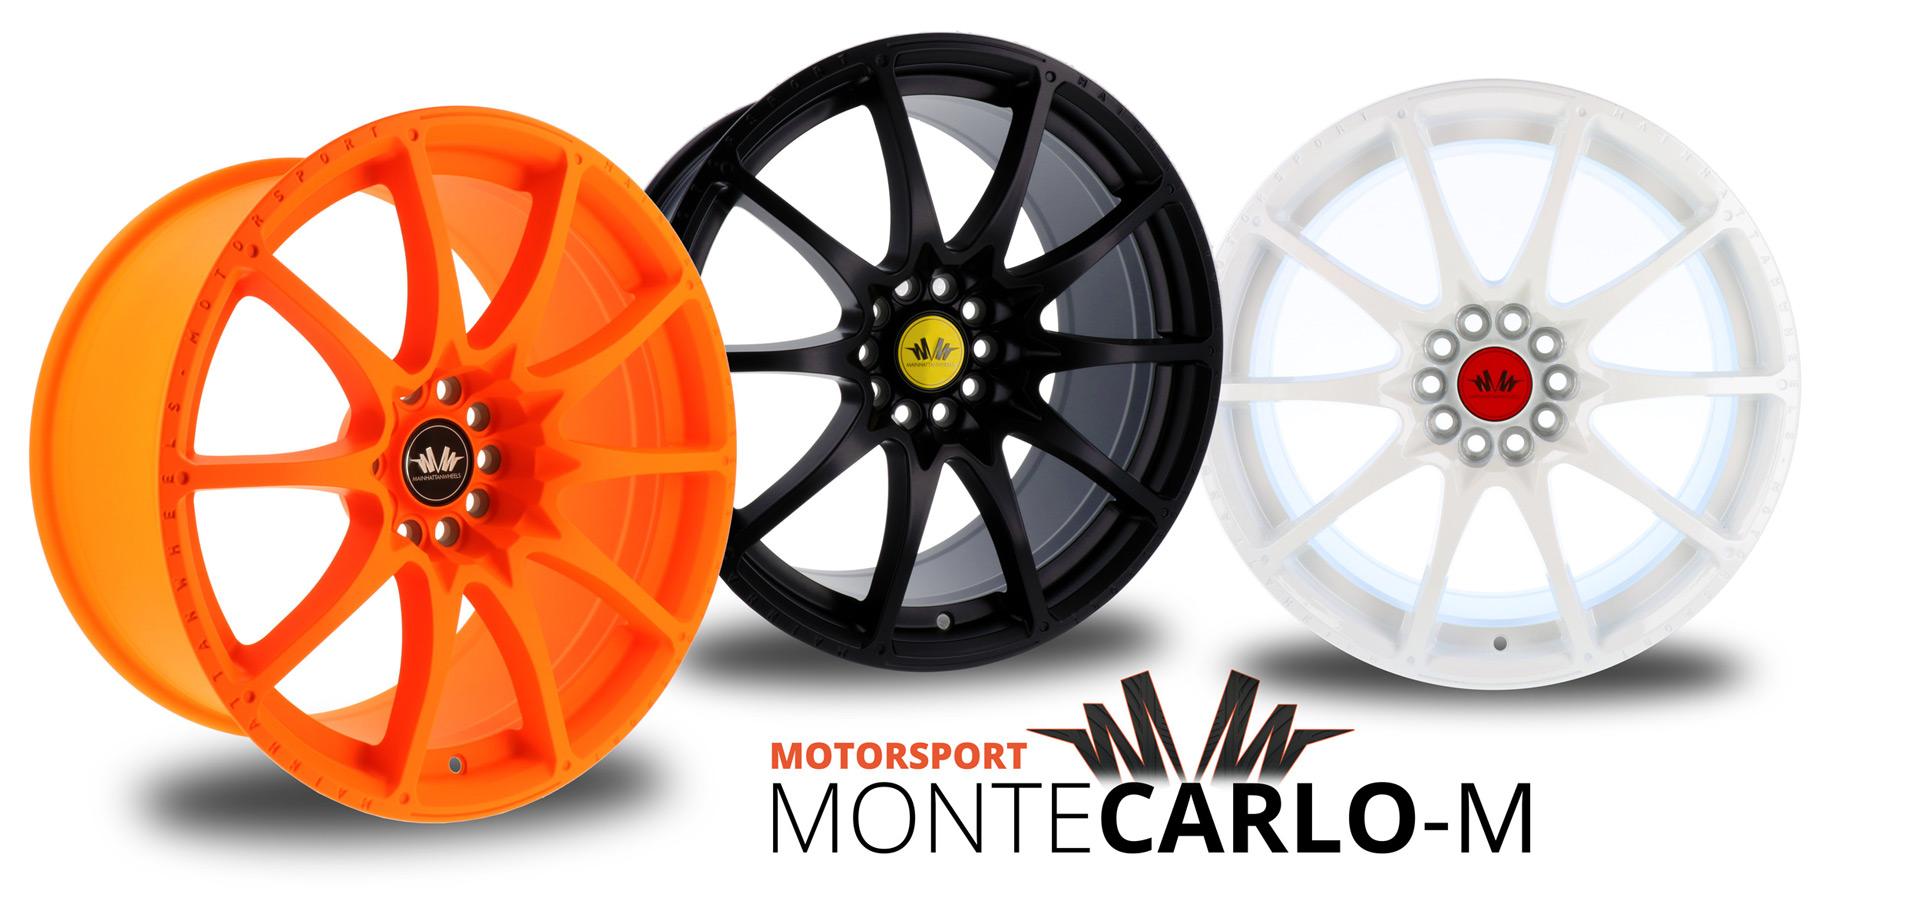 Mainhattan-Wheels Monte-Carlo-M Motorsport Felge